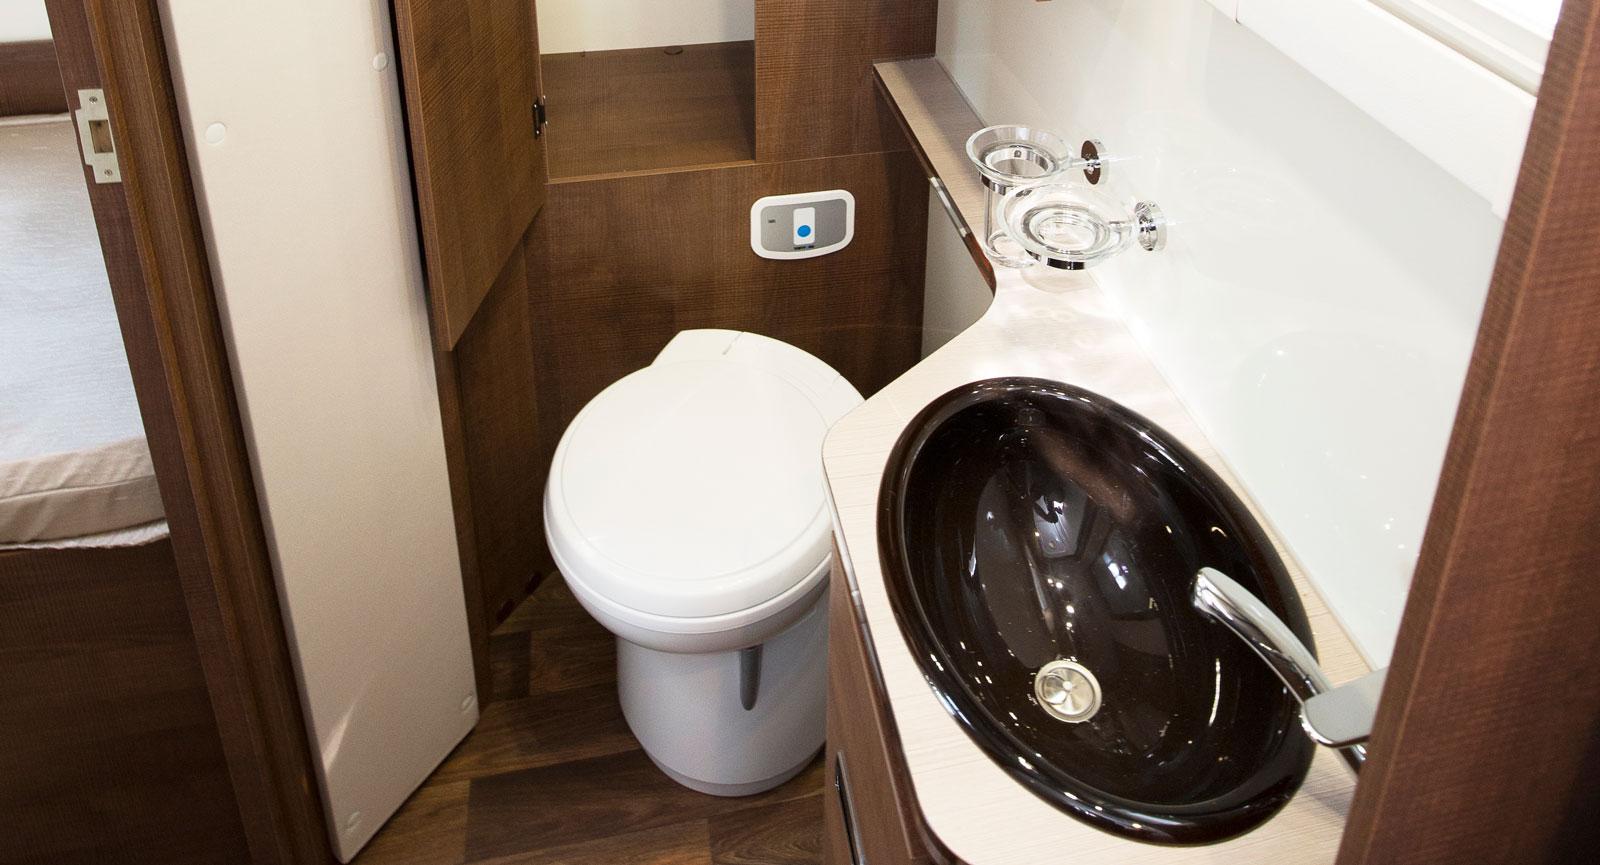 Handfatet är nedsänkt vilket gör det enkelt att hålla rent. Det finns gott om plats för benen oavsett hur lång besökaren är.